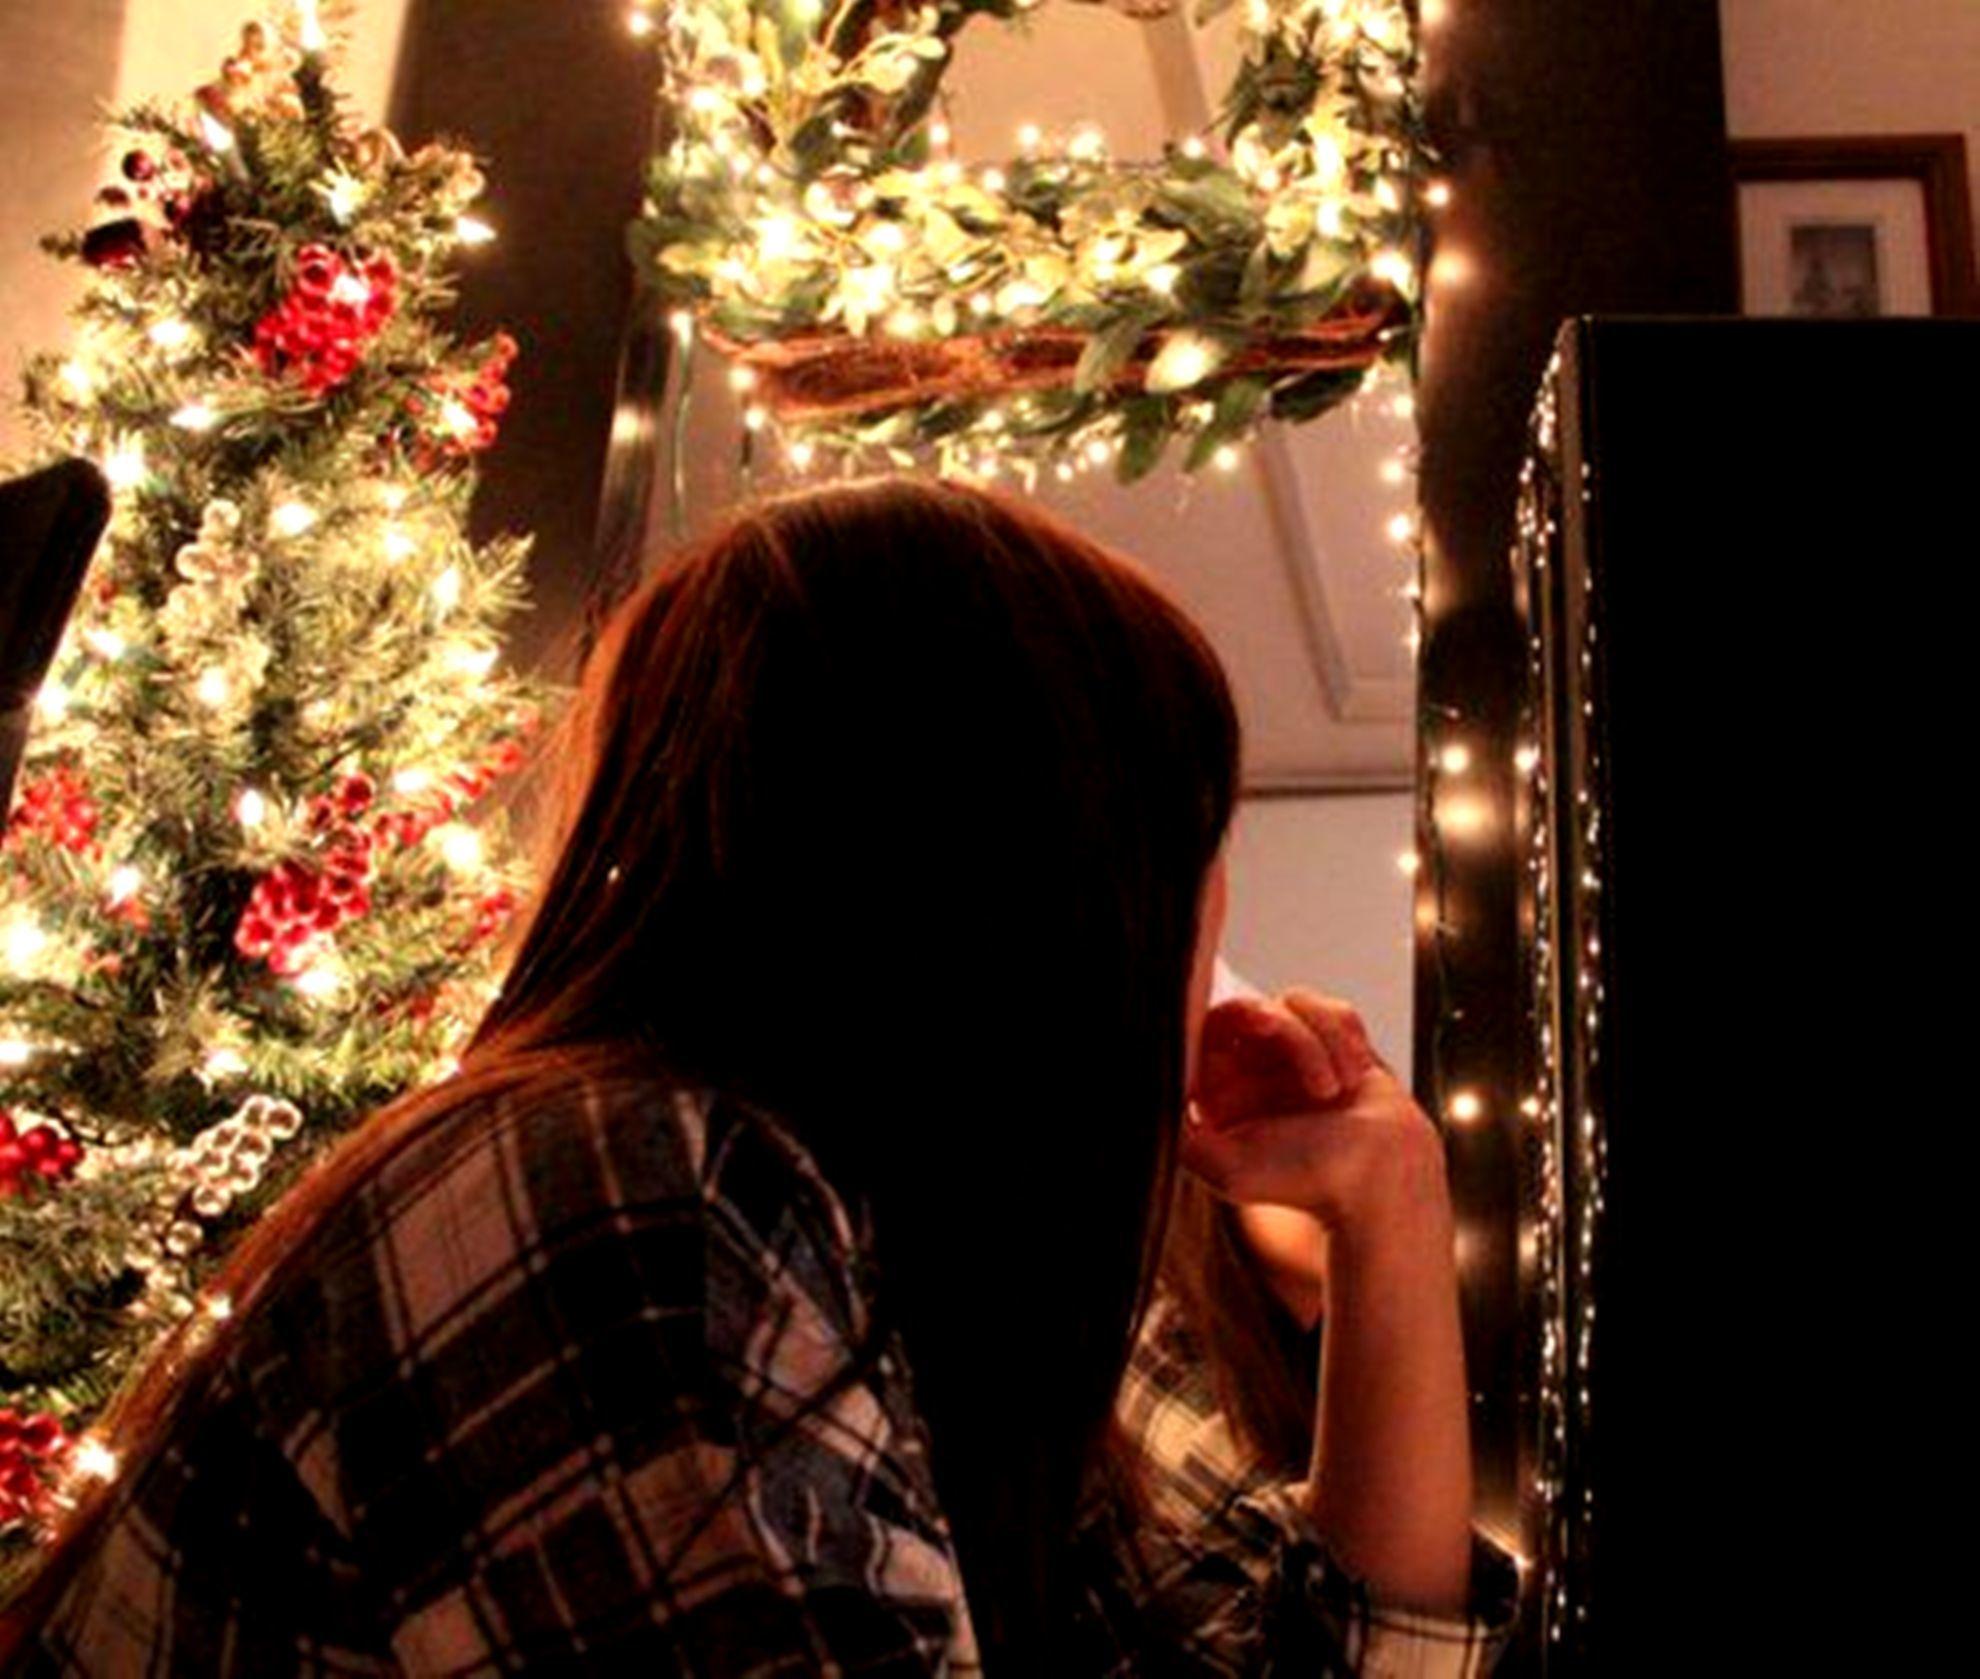 сидели, голая фото девушек шатенок на новый год не видно лица уже силах сдержаться